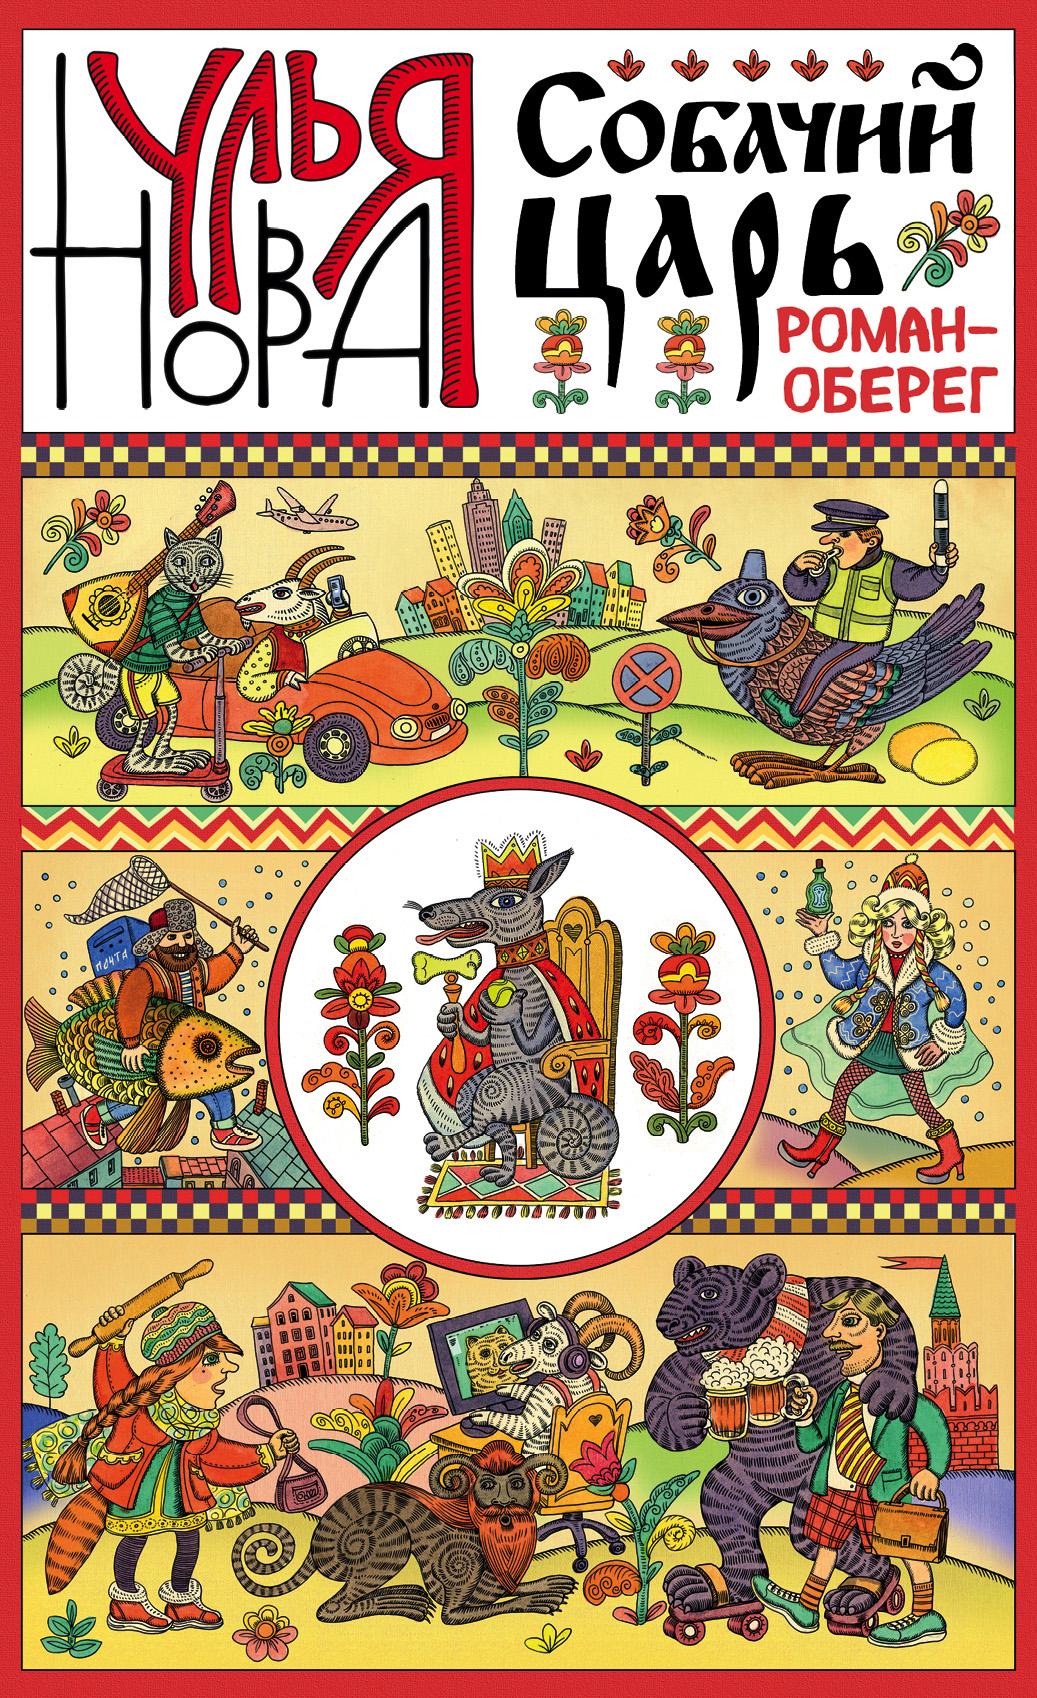 Улья Нова Собачий царь нова у собачий царь роман оберег